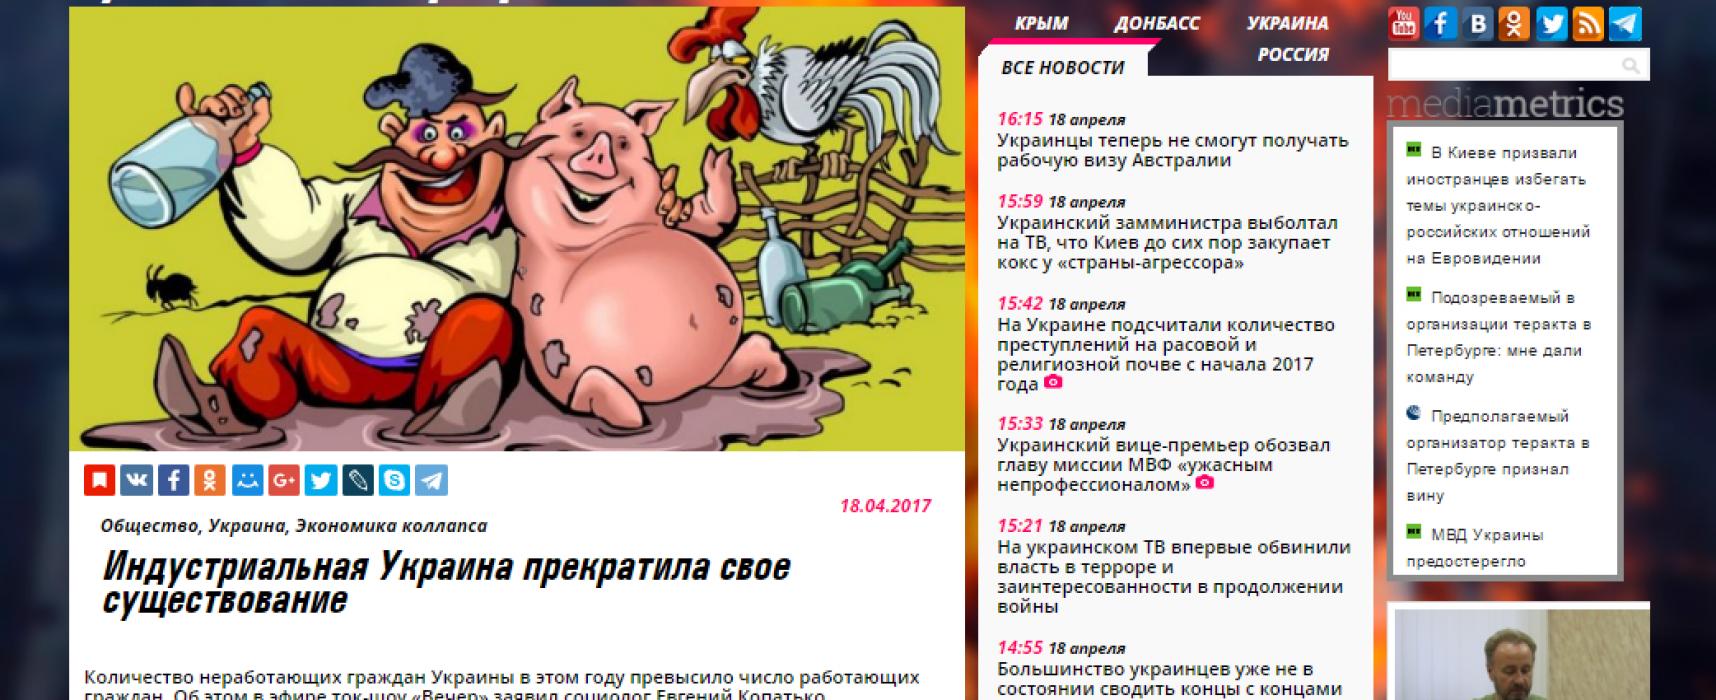 Fake: Désormais, l'Ukraine n'est pas dans la liste des pays industrialisés